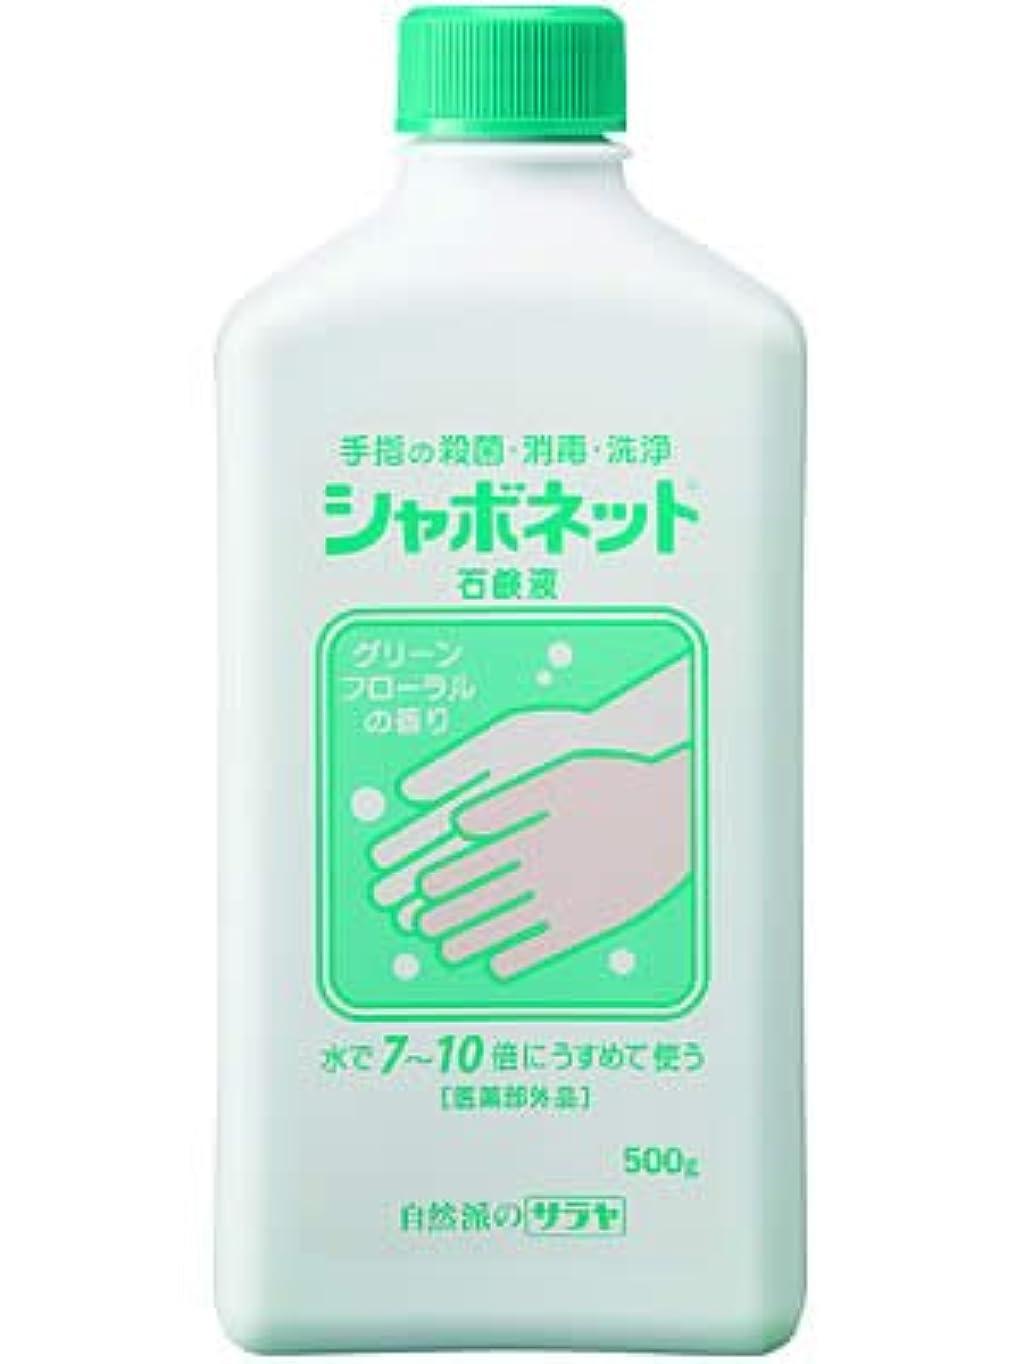 受賞旋律的突進シャボネット 石鹸液 500g ×5個セット